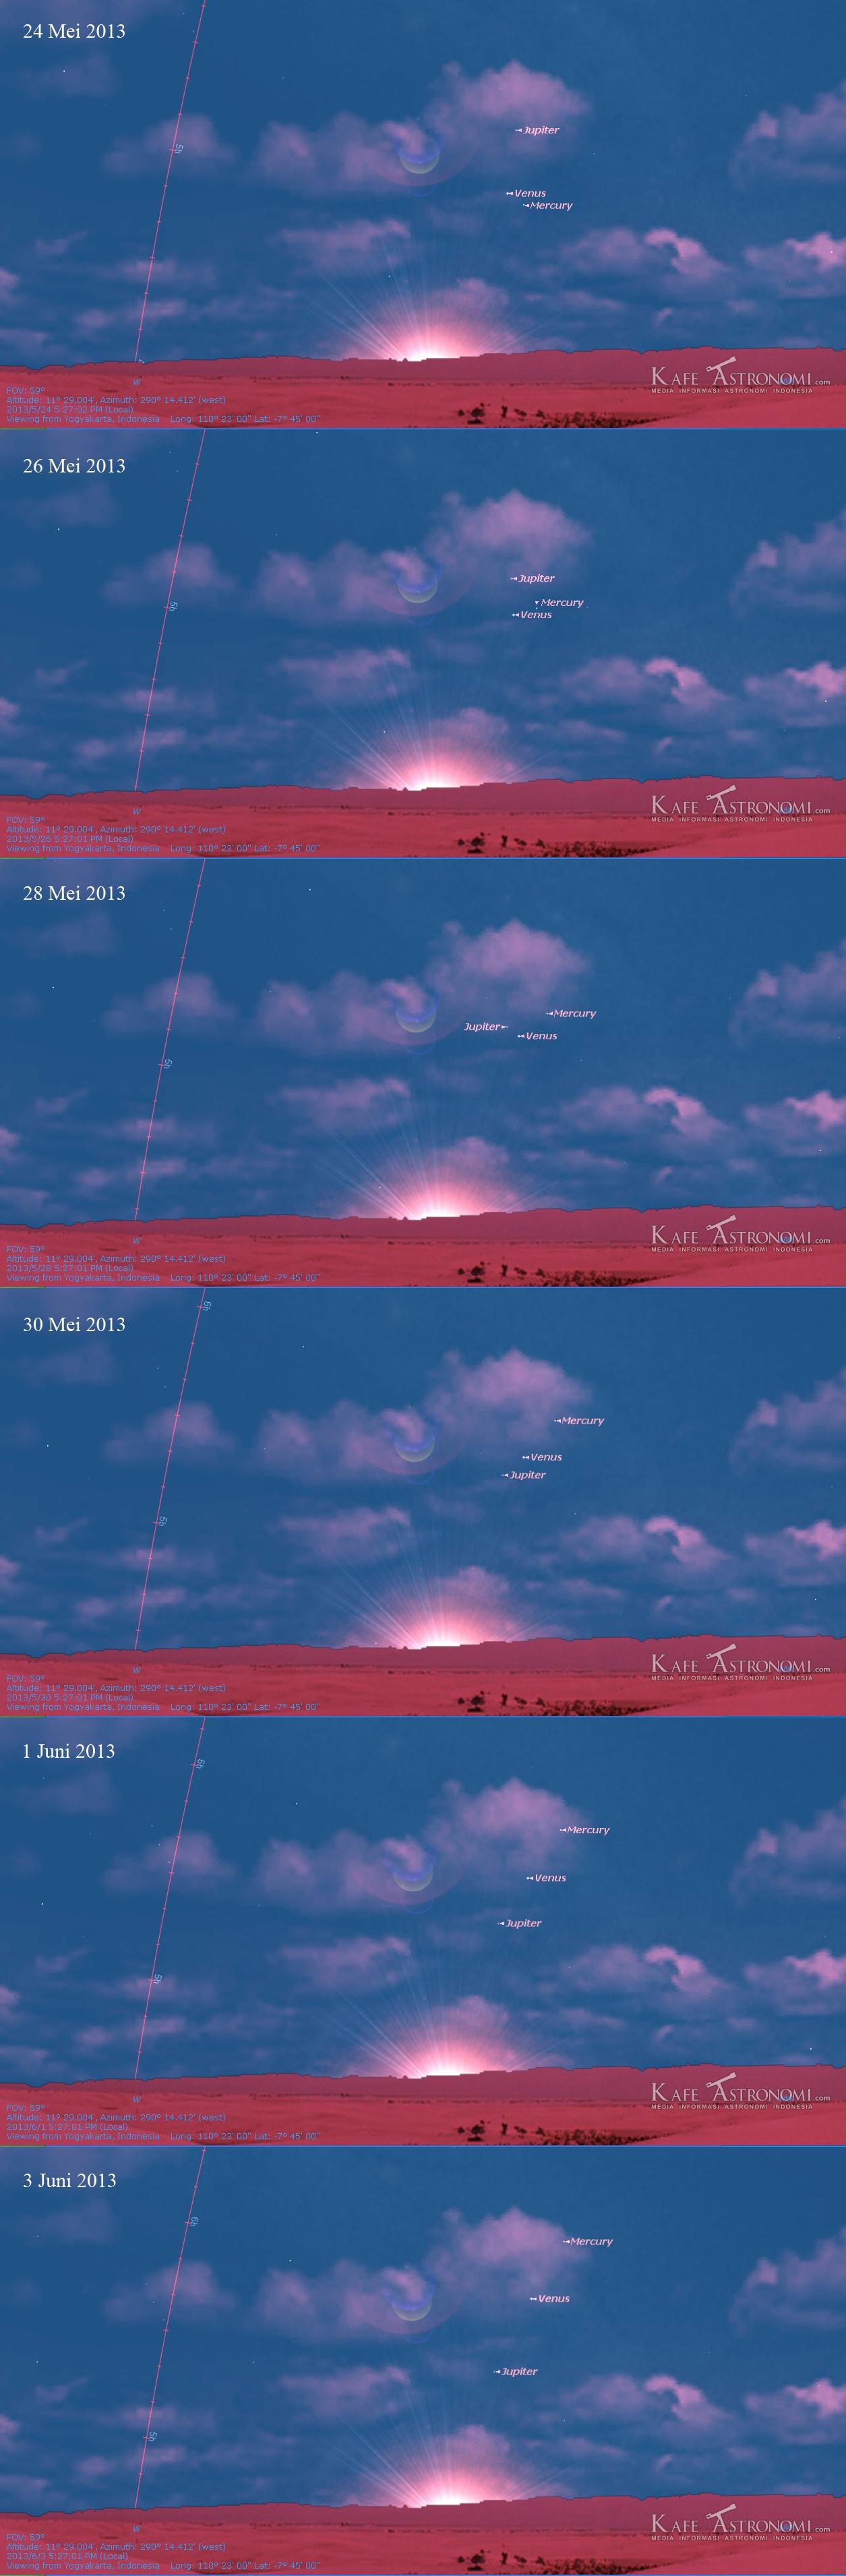 Posisi Merkurius, Venus dan Jupiter dari tanggal 24, 26, 28, 30 mei, 1 juni, 3 juni. Sumber : Starry Night PP, 2013.